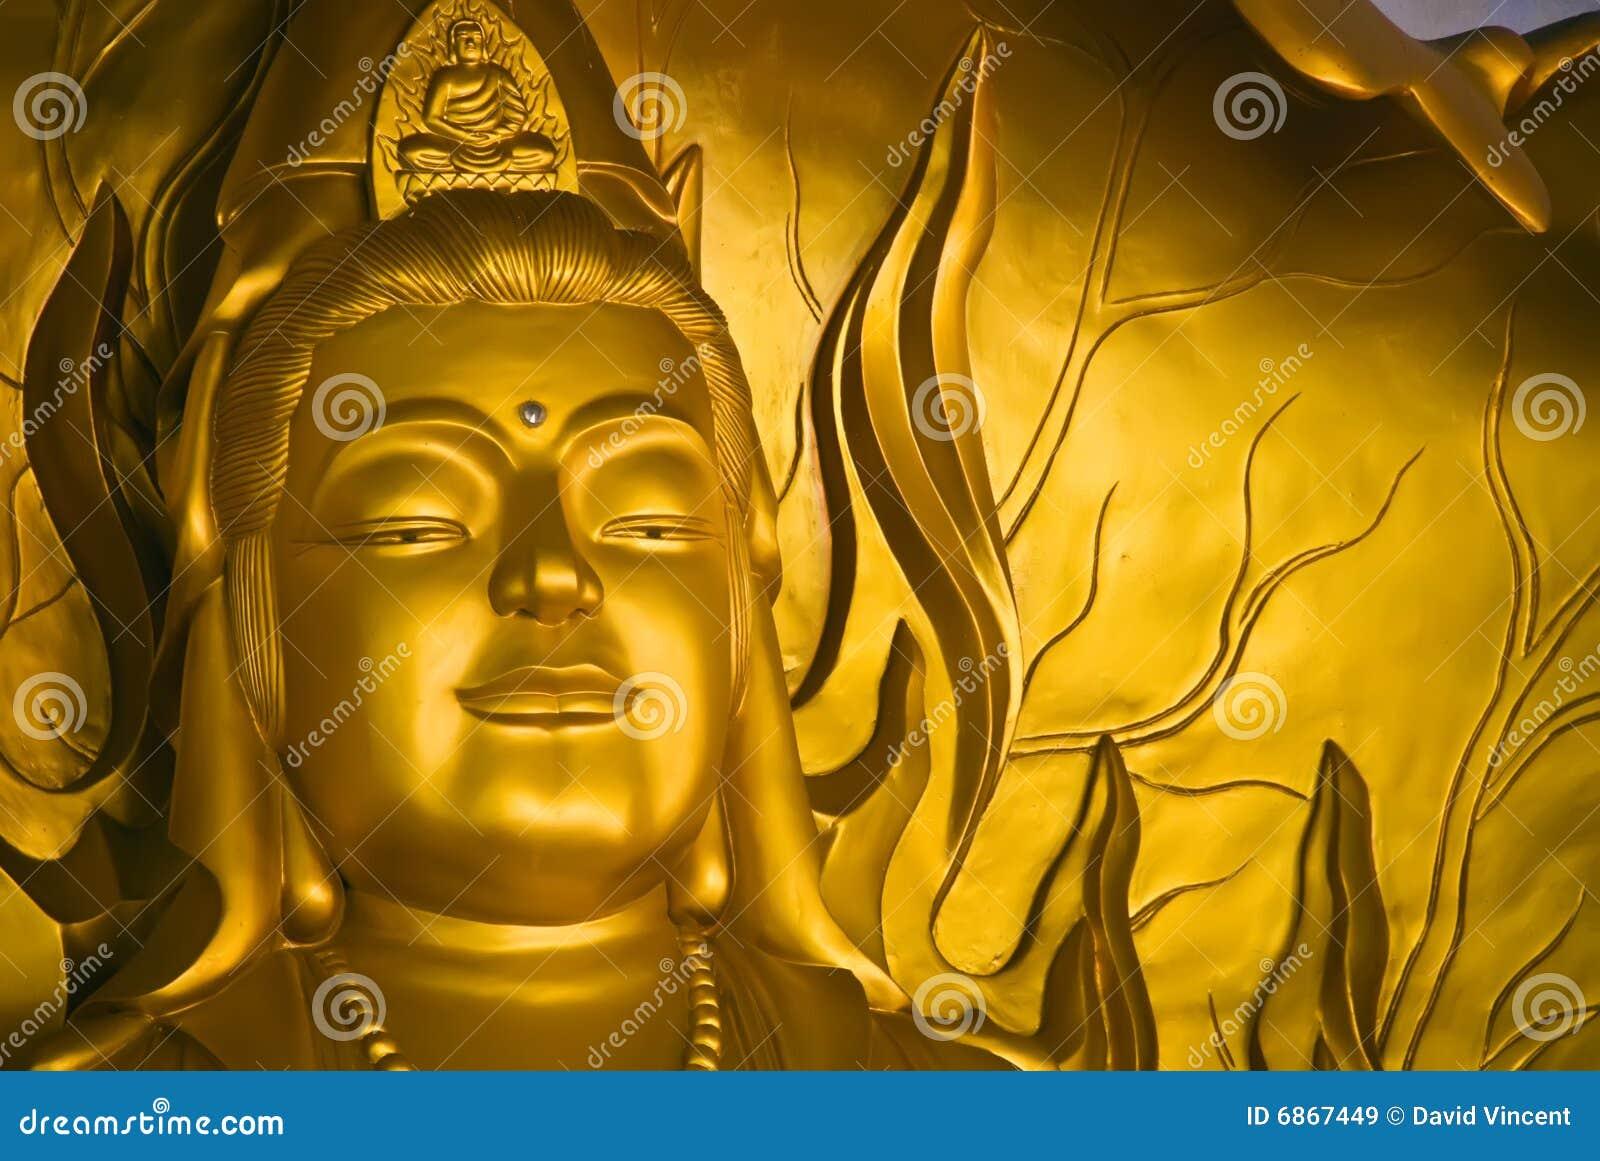 висок Вьетнам Будды